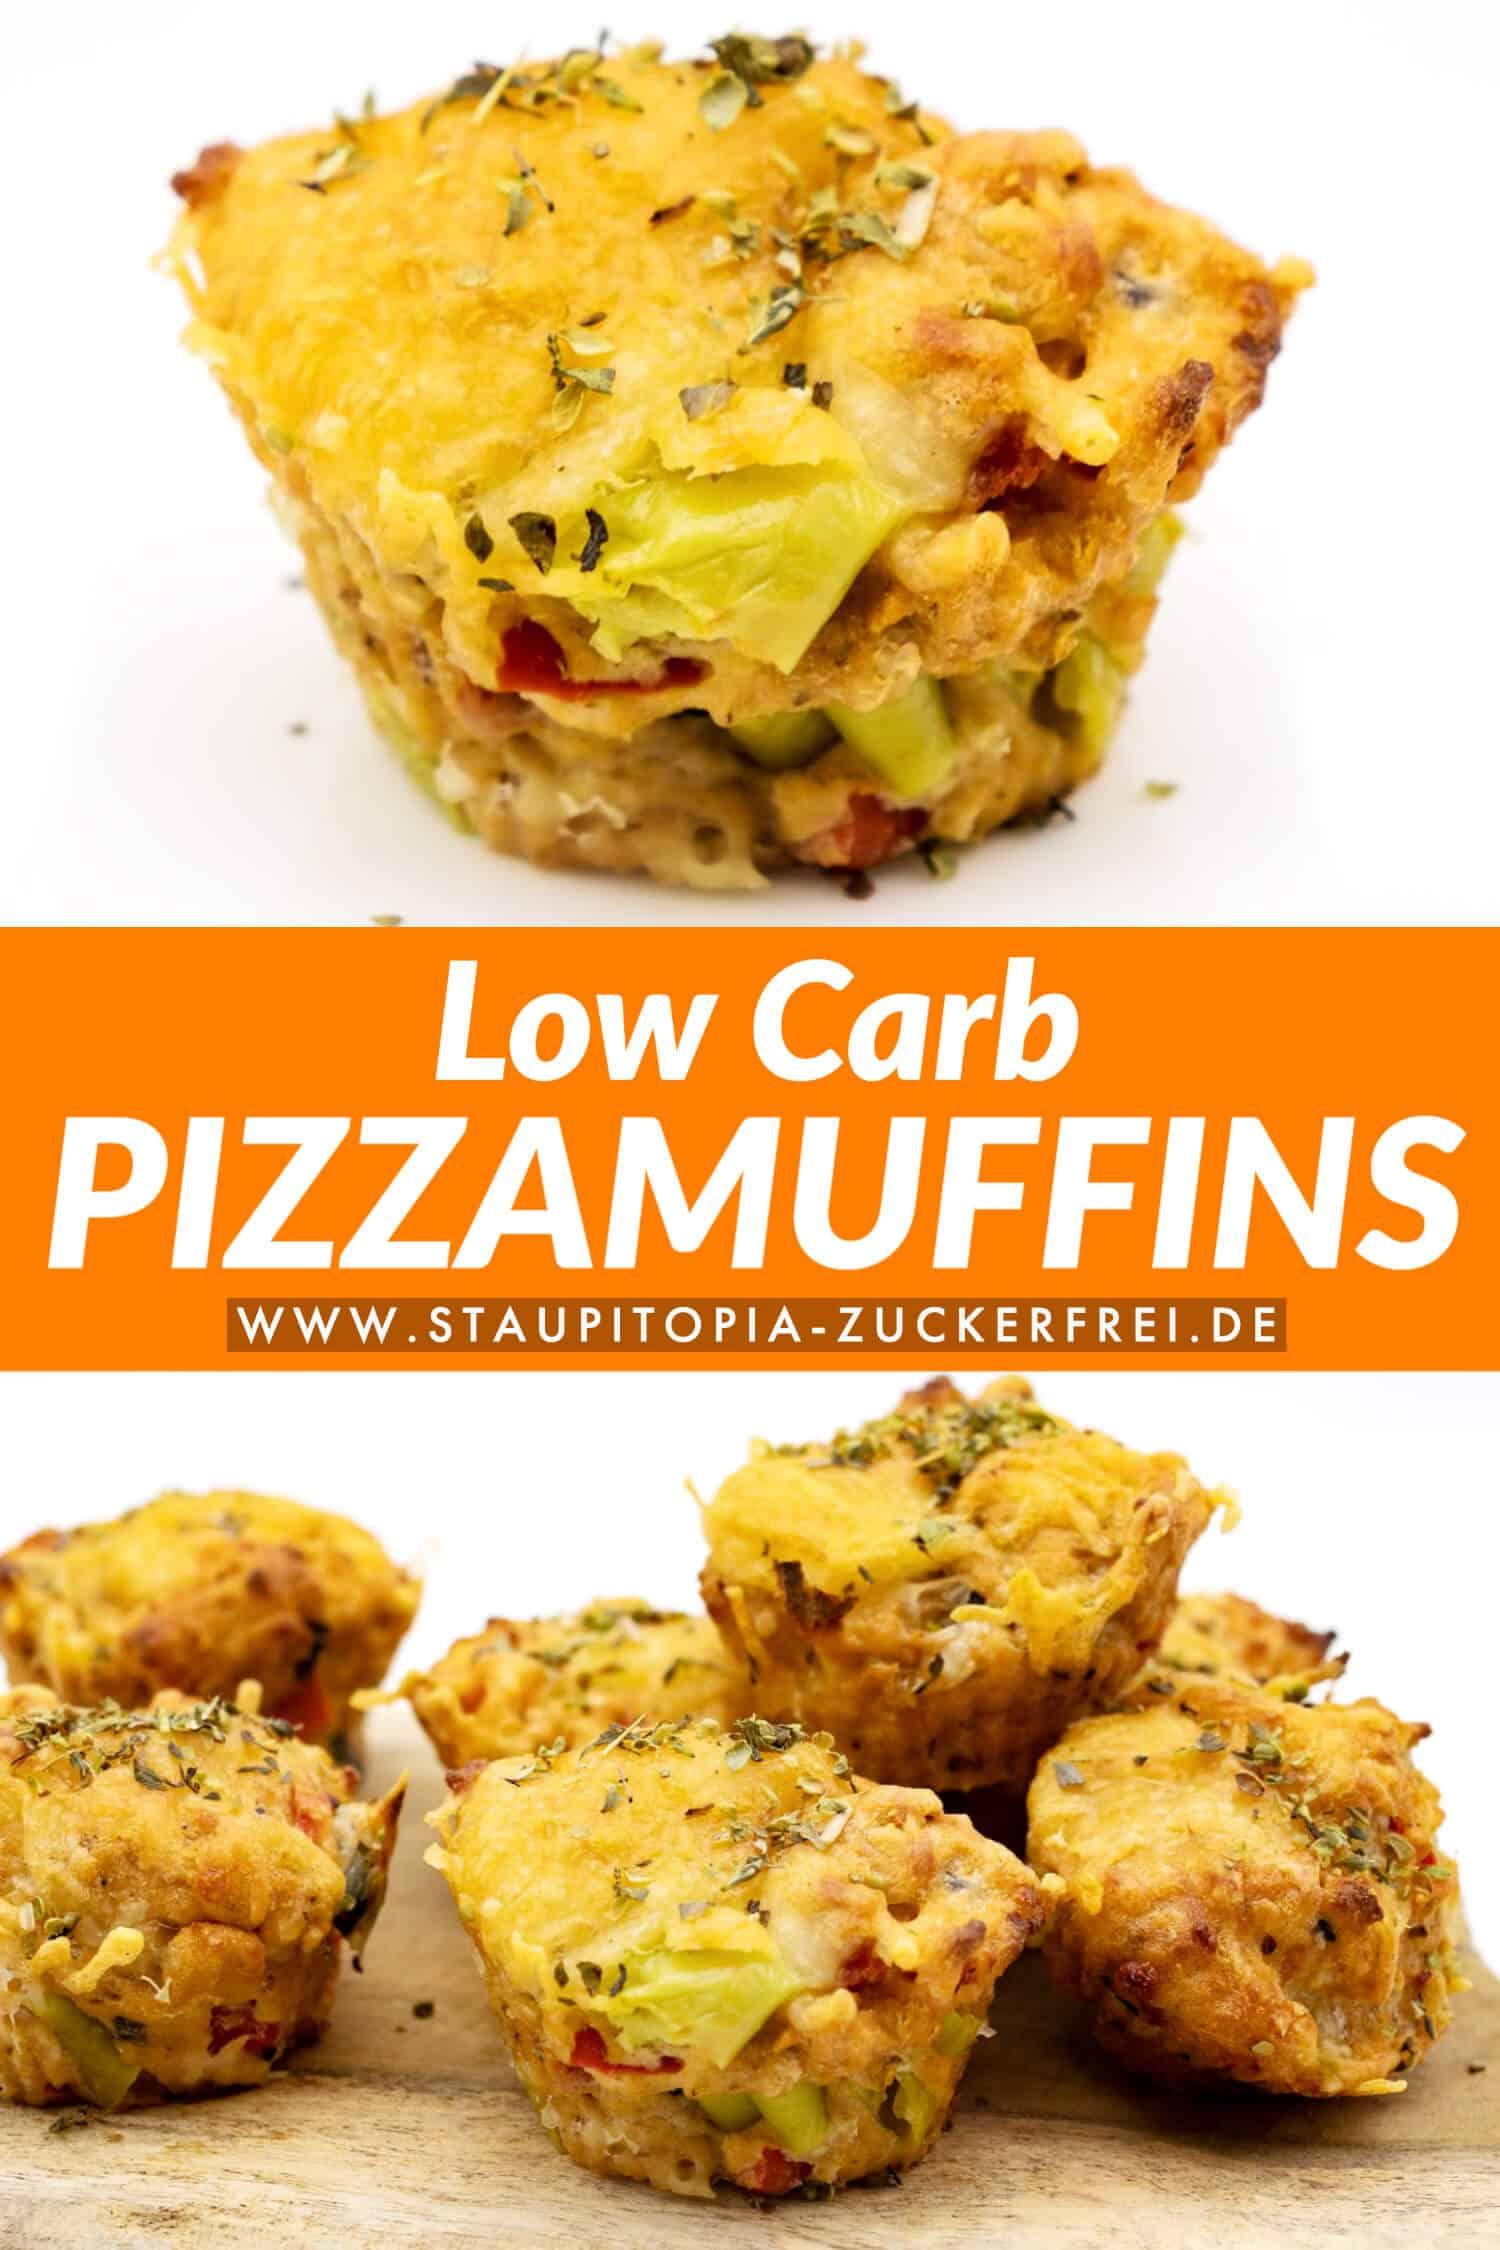 Pizzamuffins glutenfrei und ohne Mehl